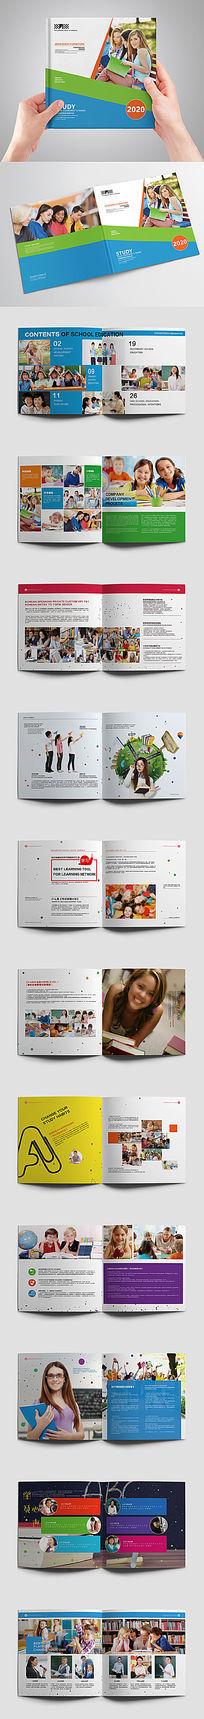 简洁多彩培训辅导班学校招生画册版式设计